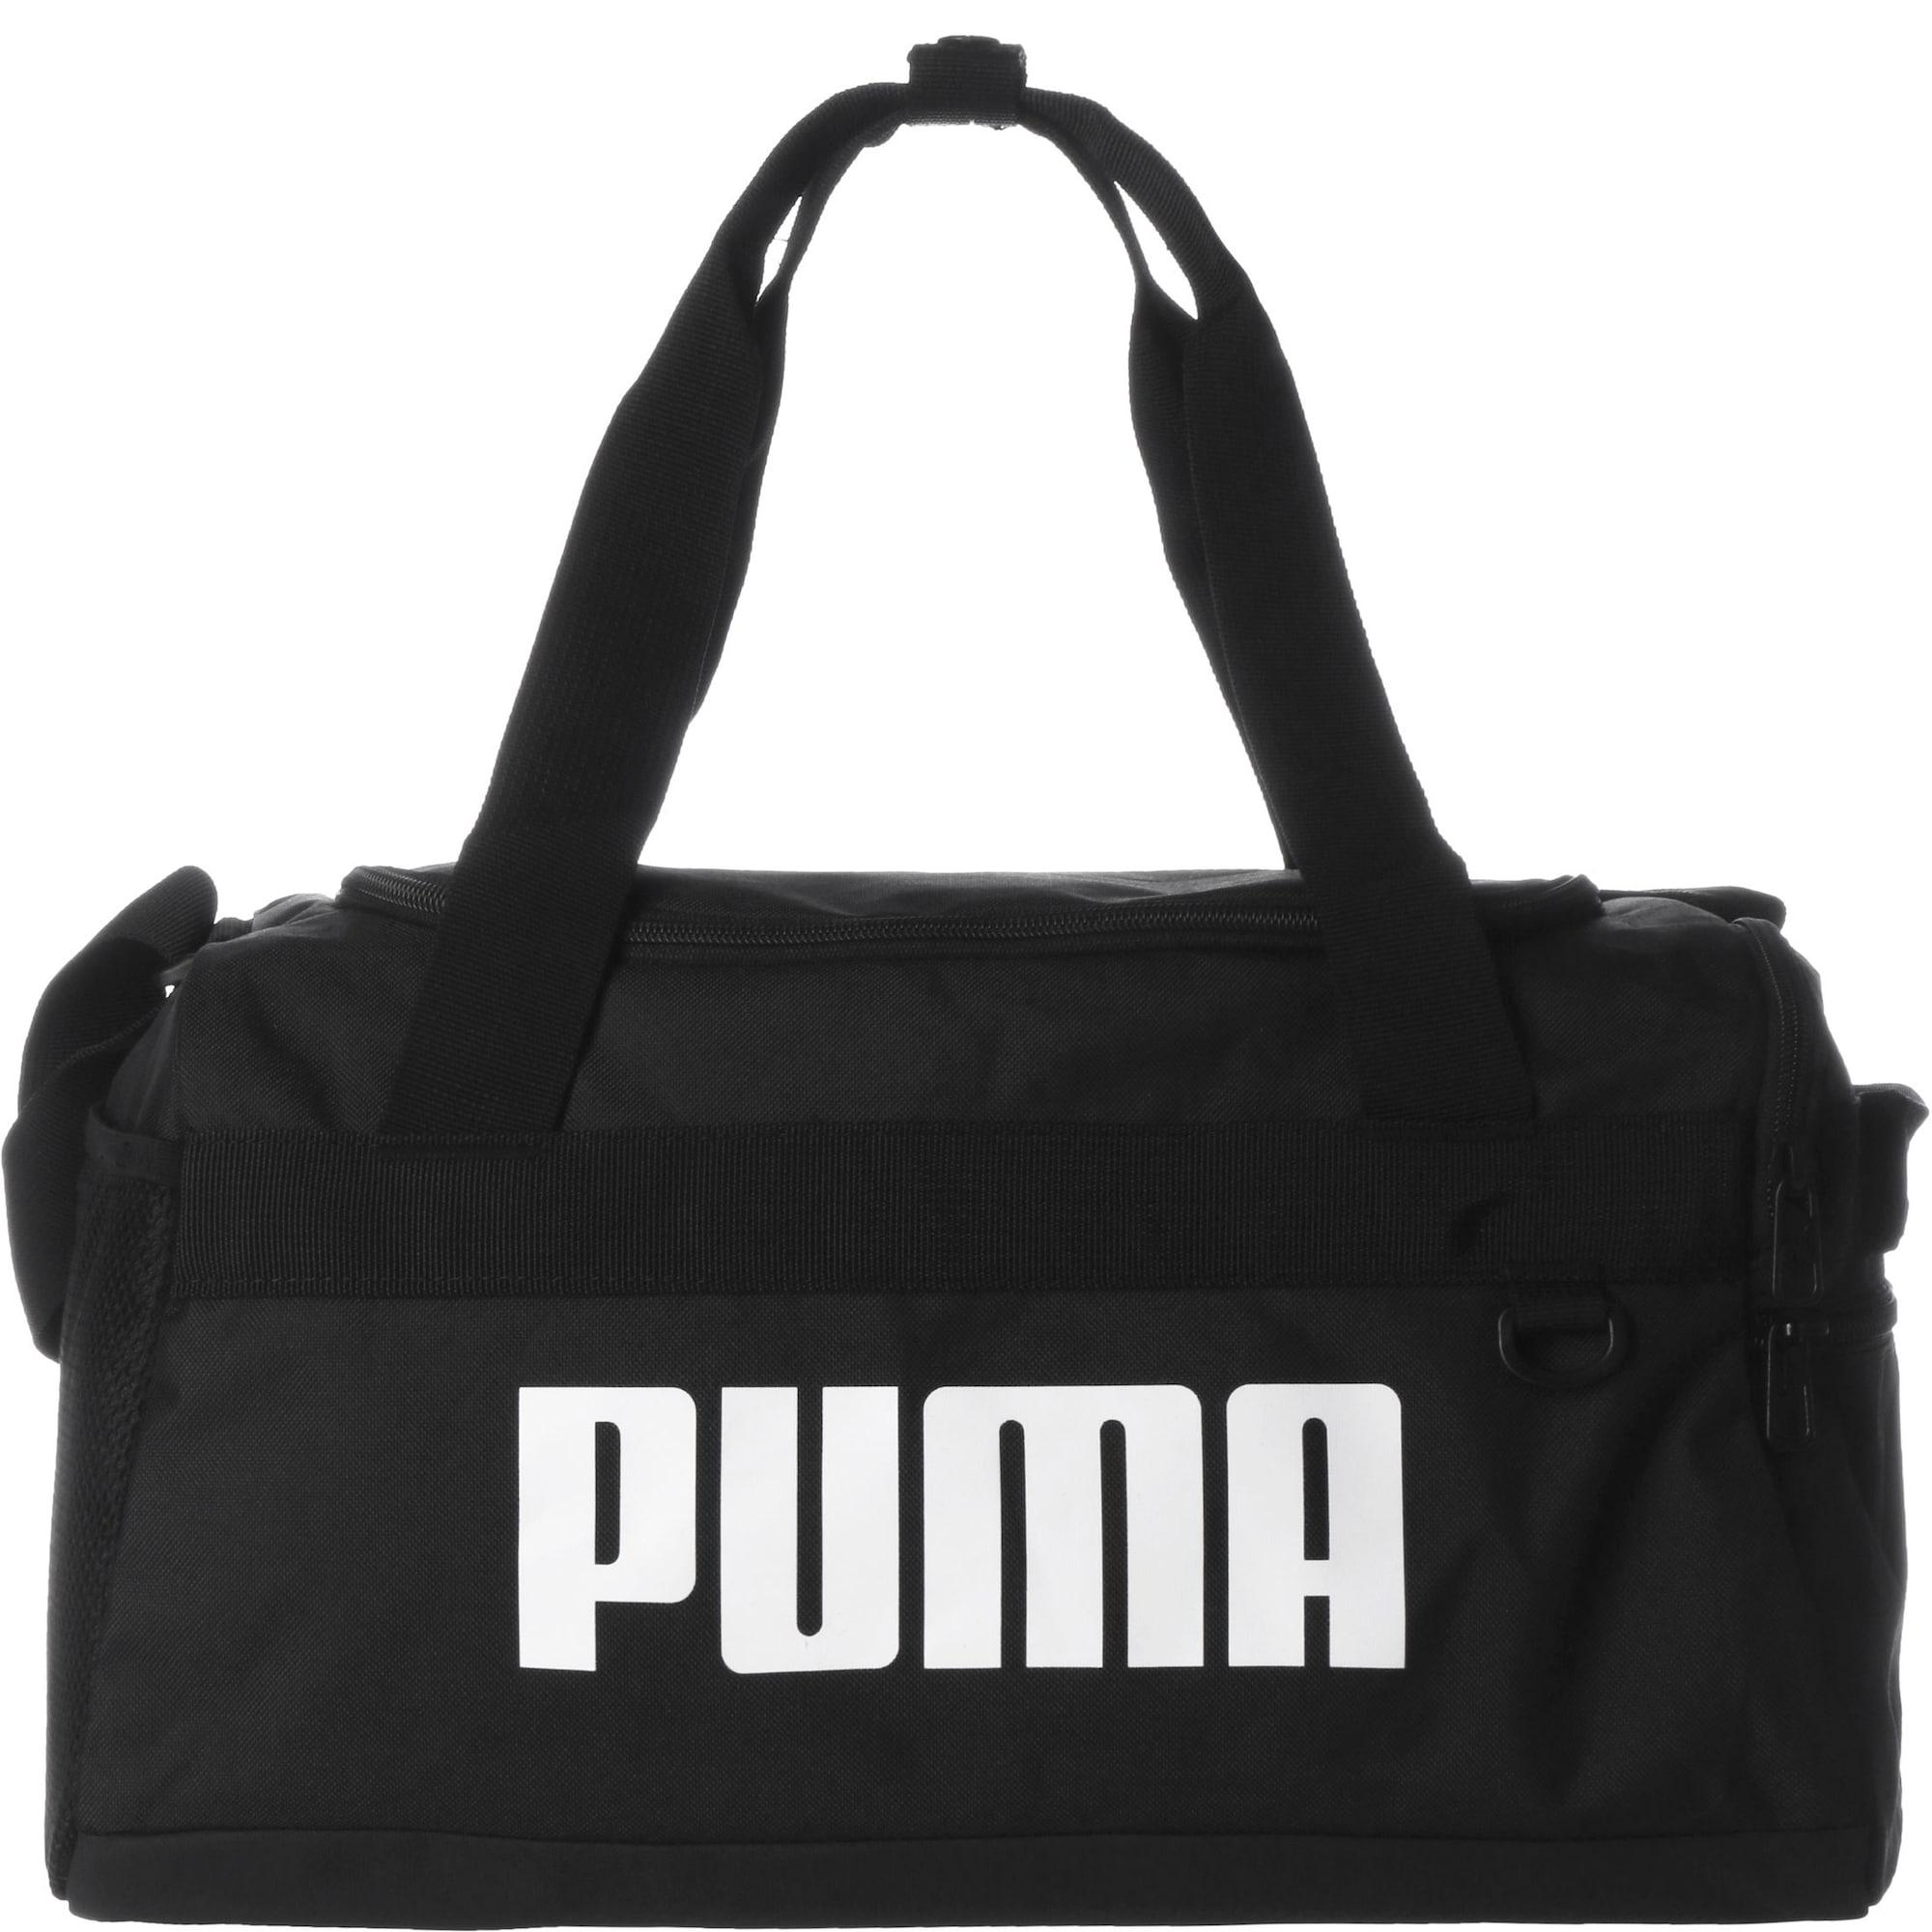 PUMA Sportinis krepšys 'Challenger' juoda / balta